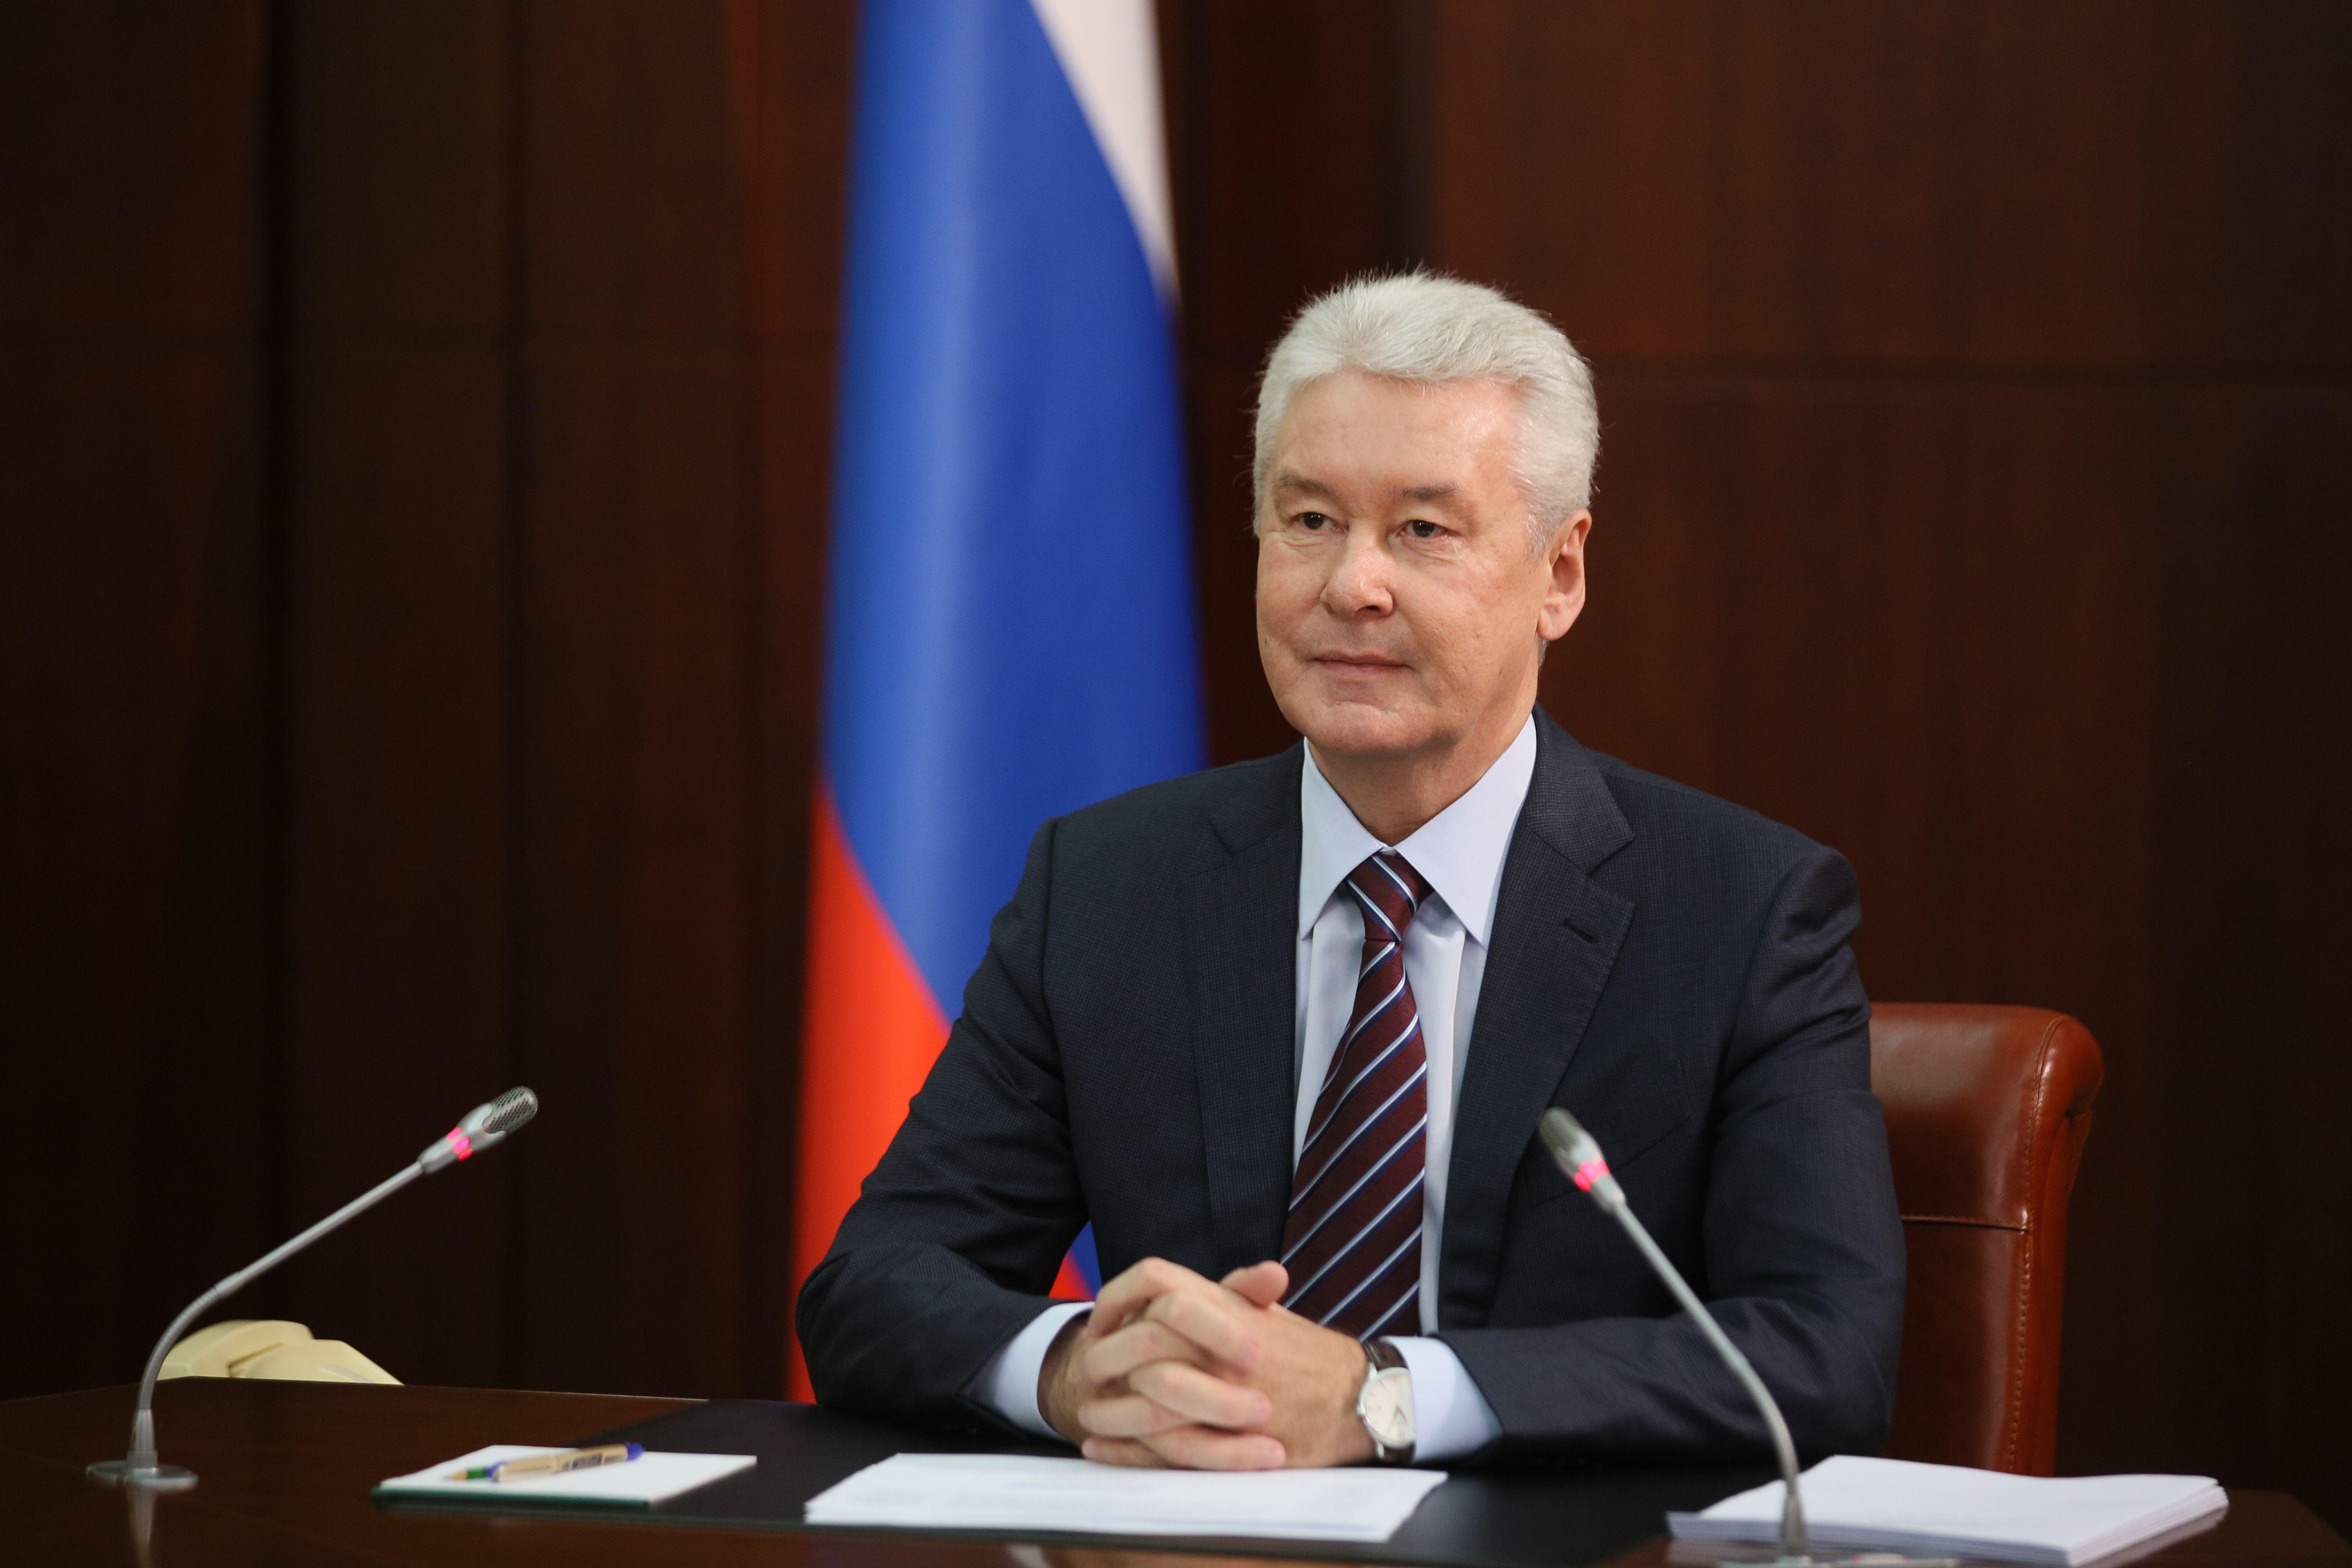 Собянин поздравил россиян с Днем Государственного флага